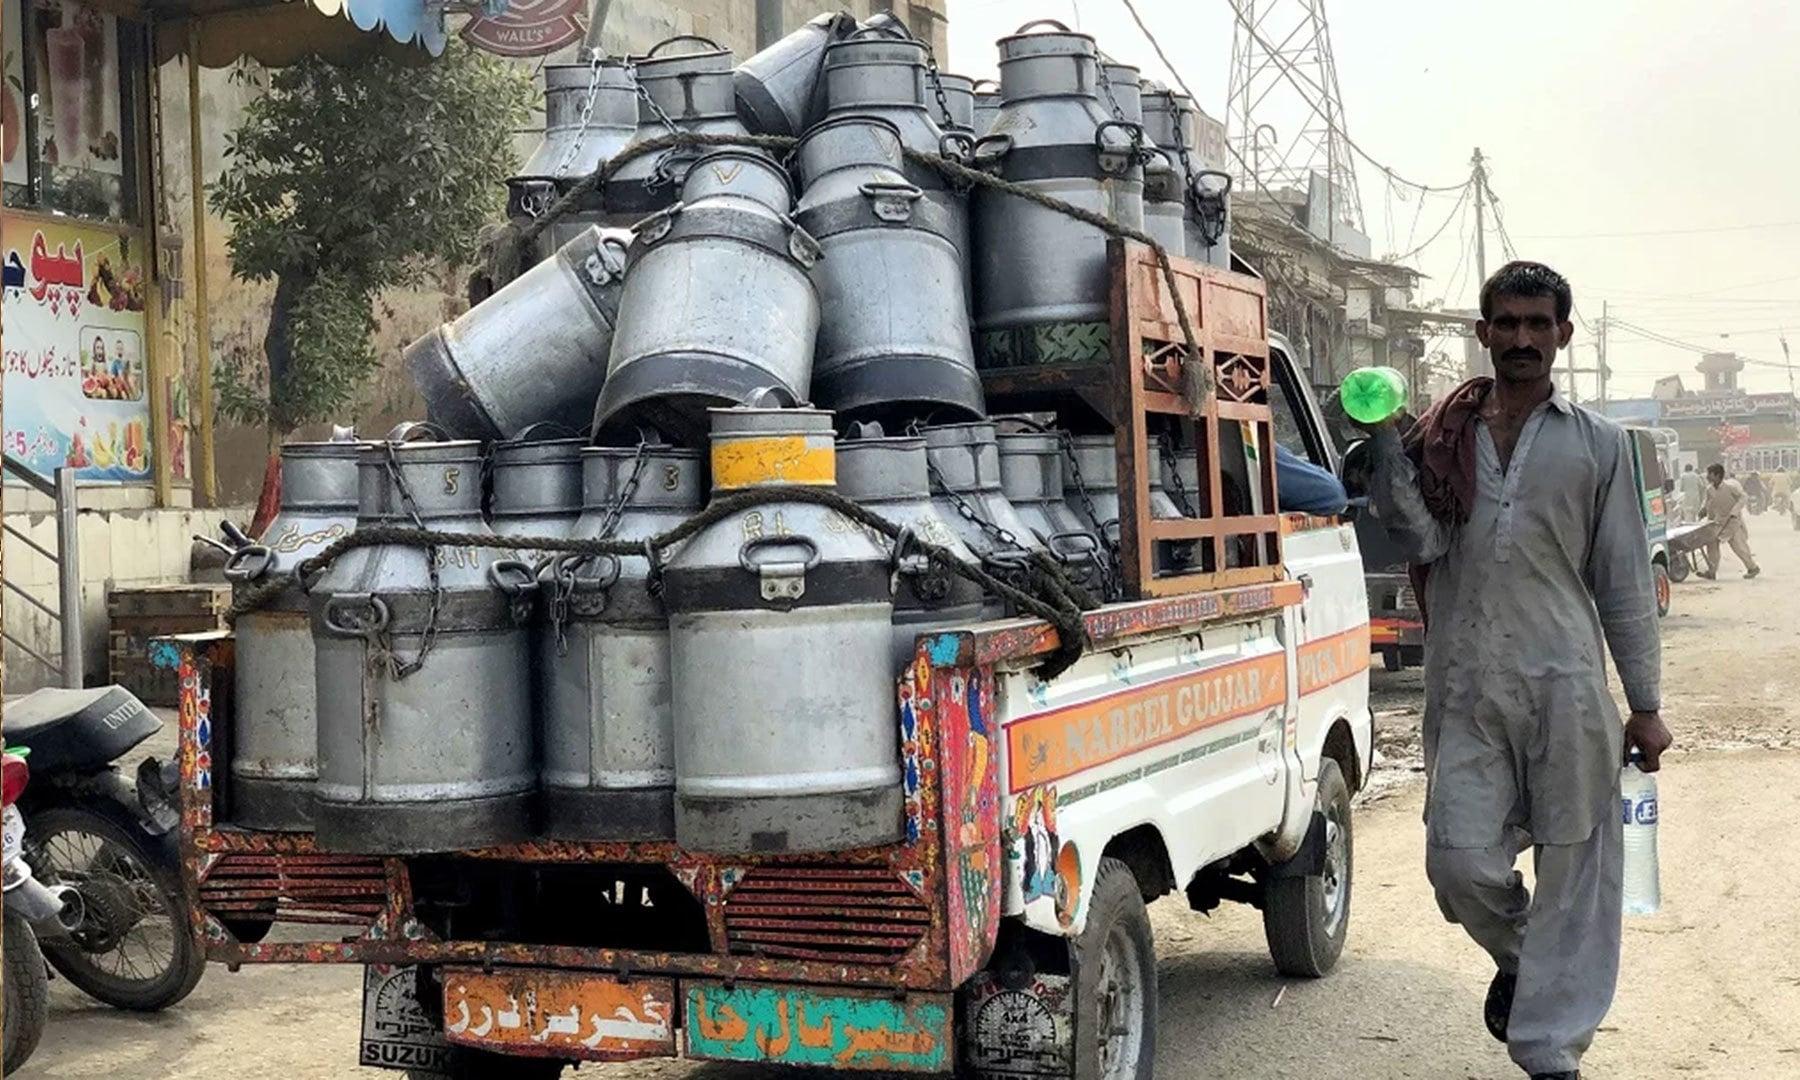 یاسمین برکت کراچی میں امبالا سویٹس اور بیکرز کی دکانوں کو ہر روز 374 لیٹر دودھ بیچتی ہیں